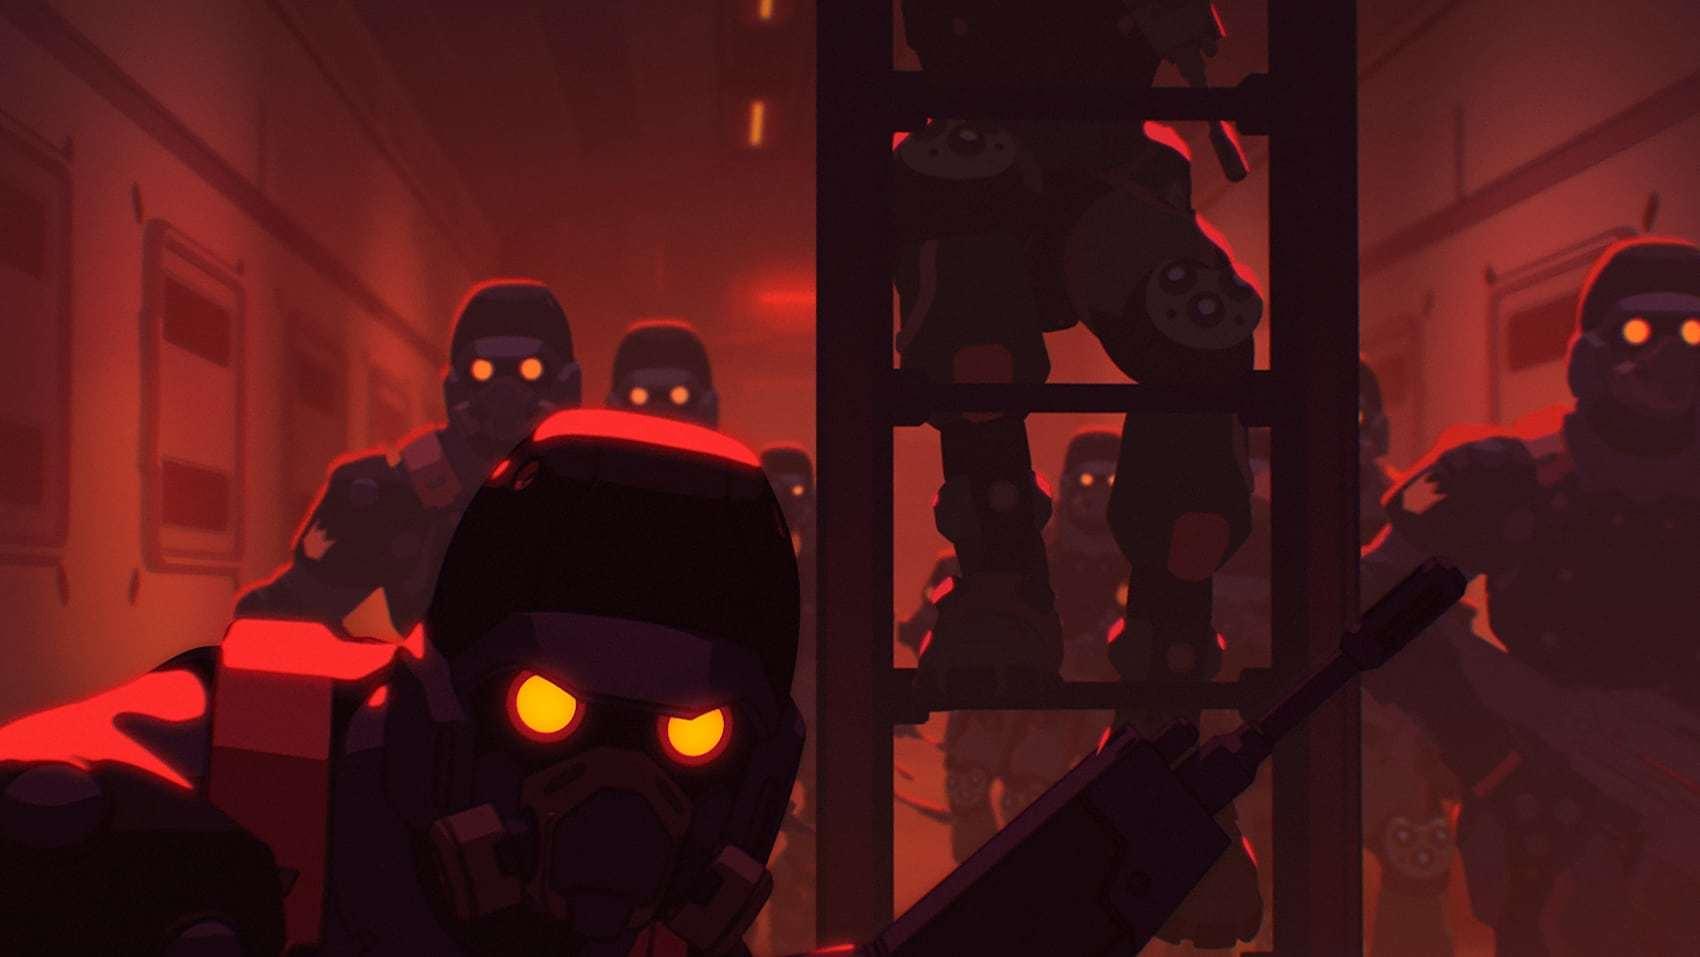 Кадры из фильма Любовь, смерть и роботы Love, Death & Robots 2019